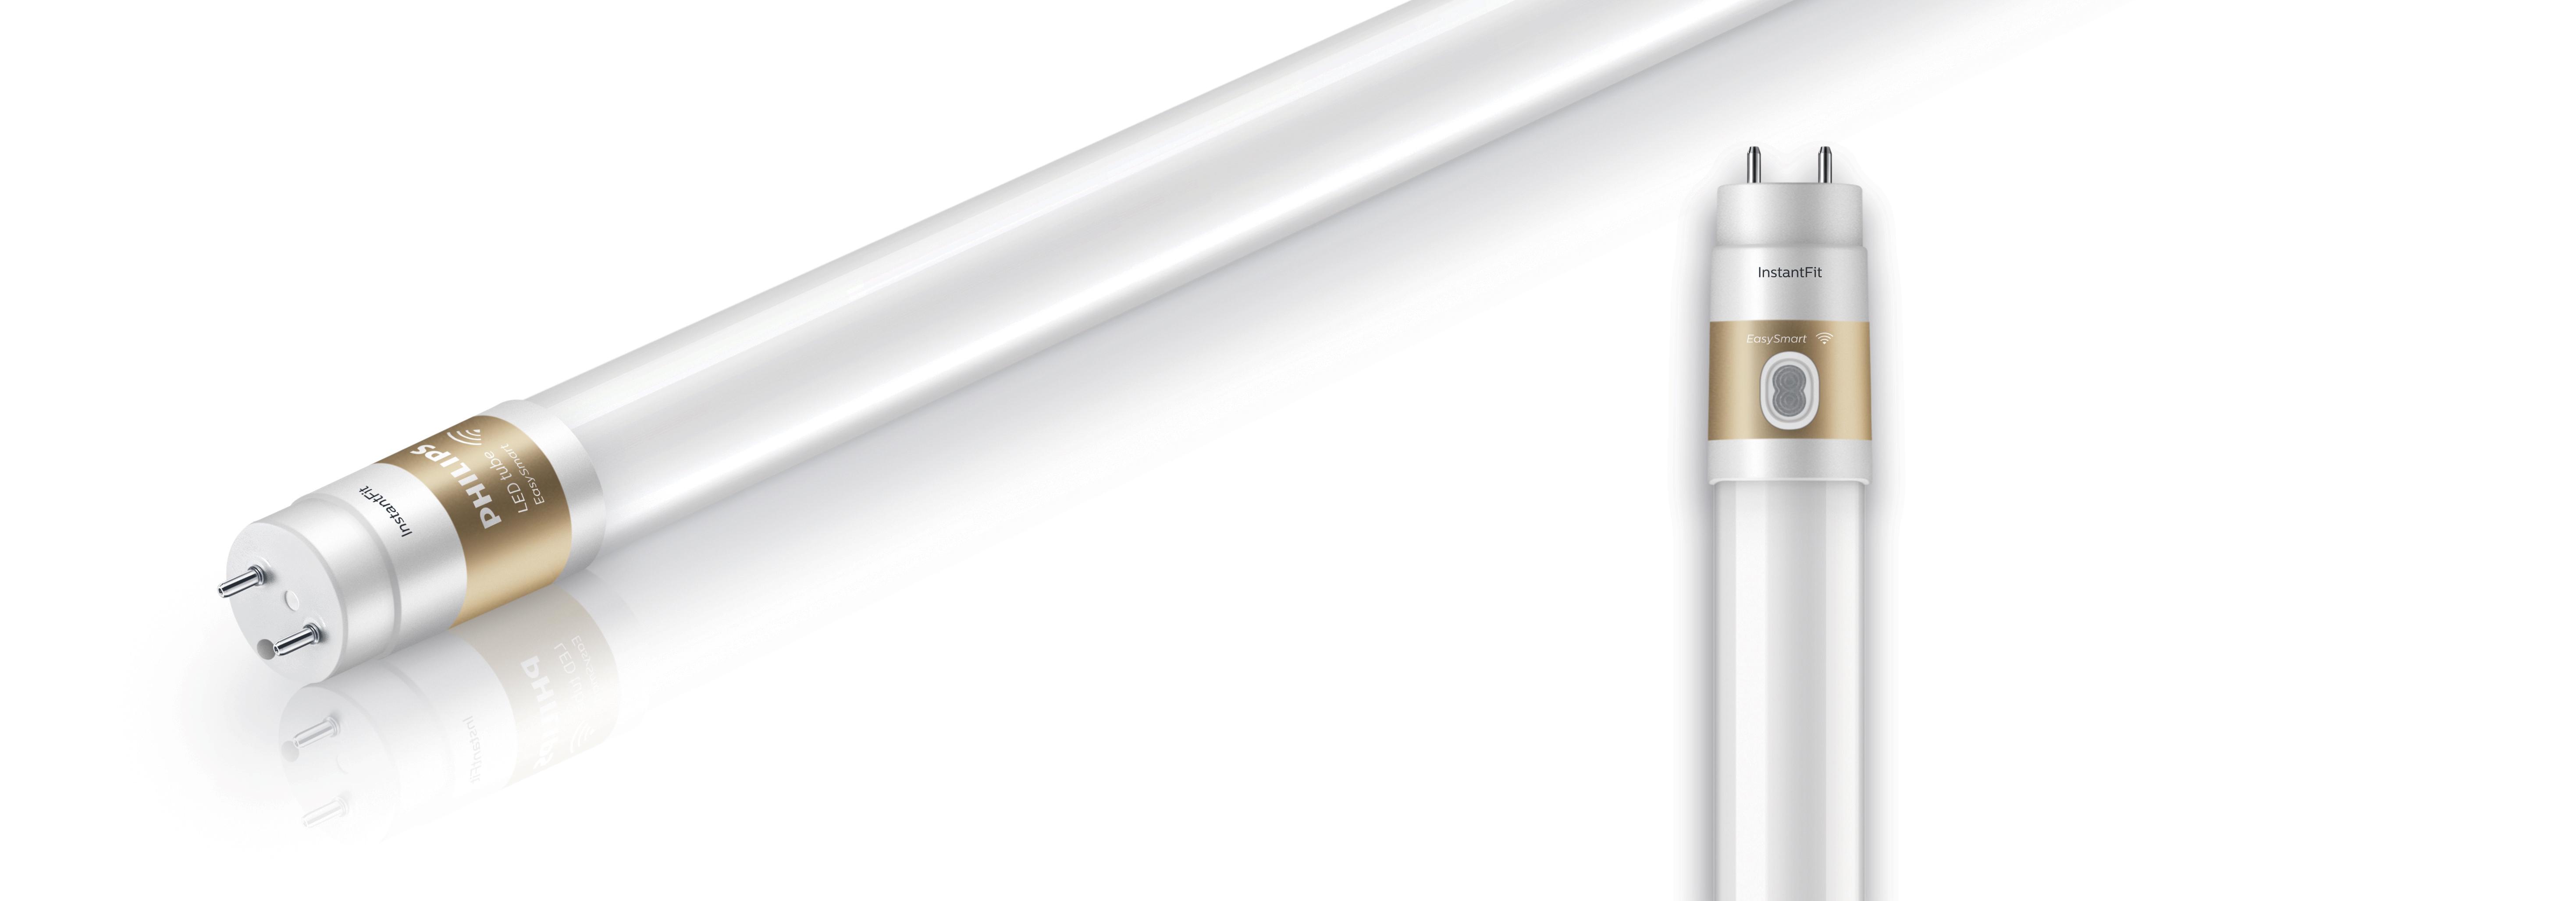 starter white light lighting lampe and homekit kit led hue product guide philips color en